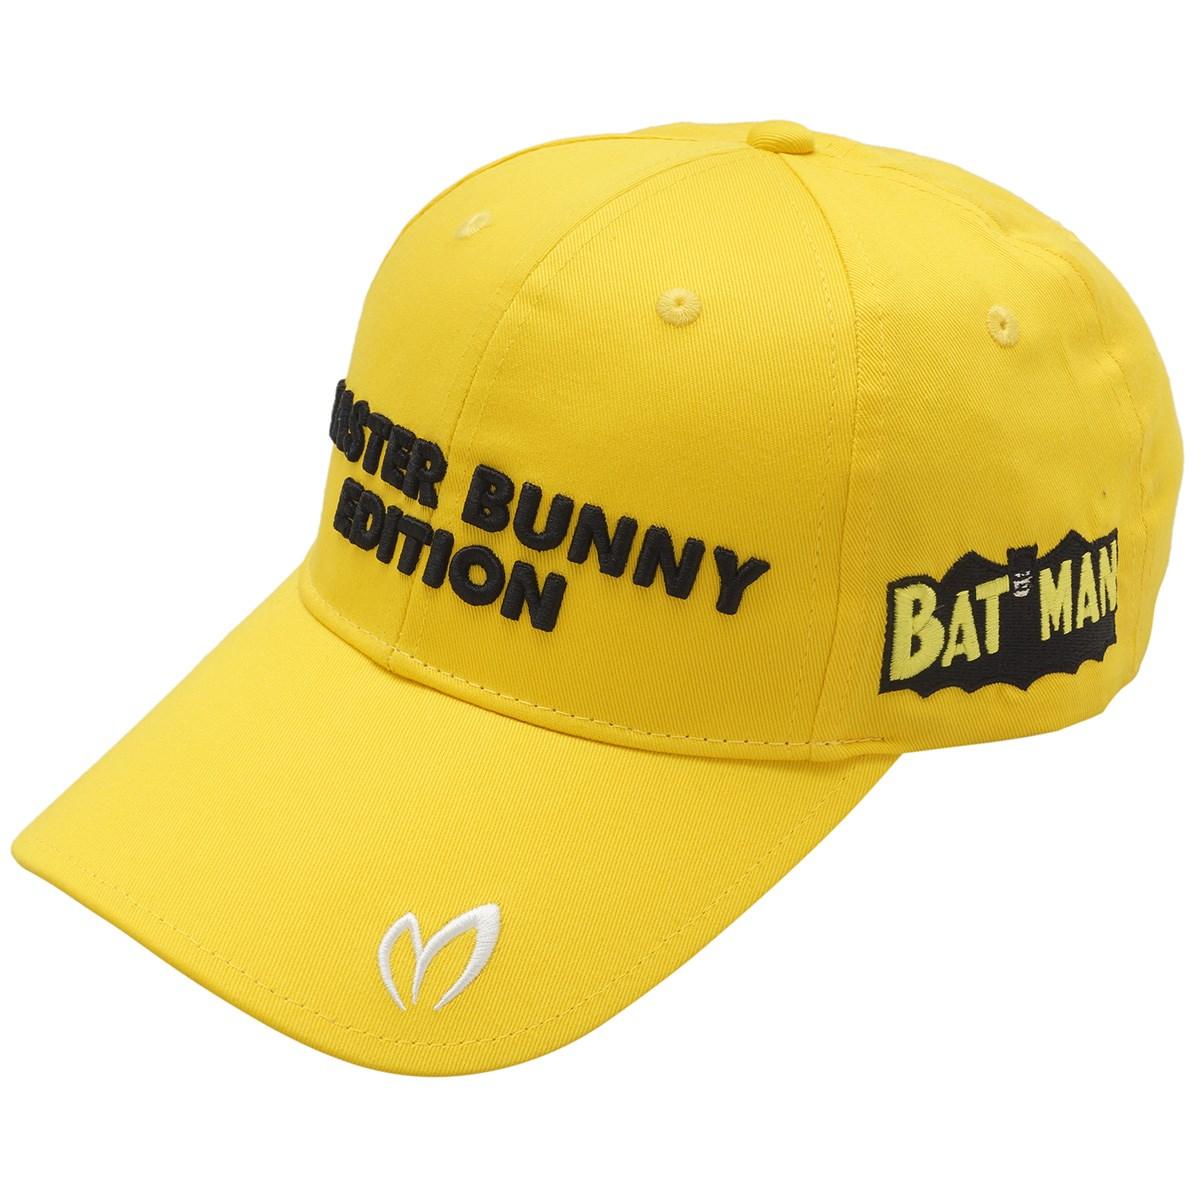 マスターバニーエディション BATMAN ツイルキャップ